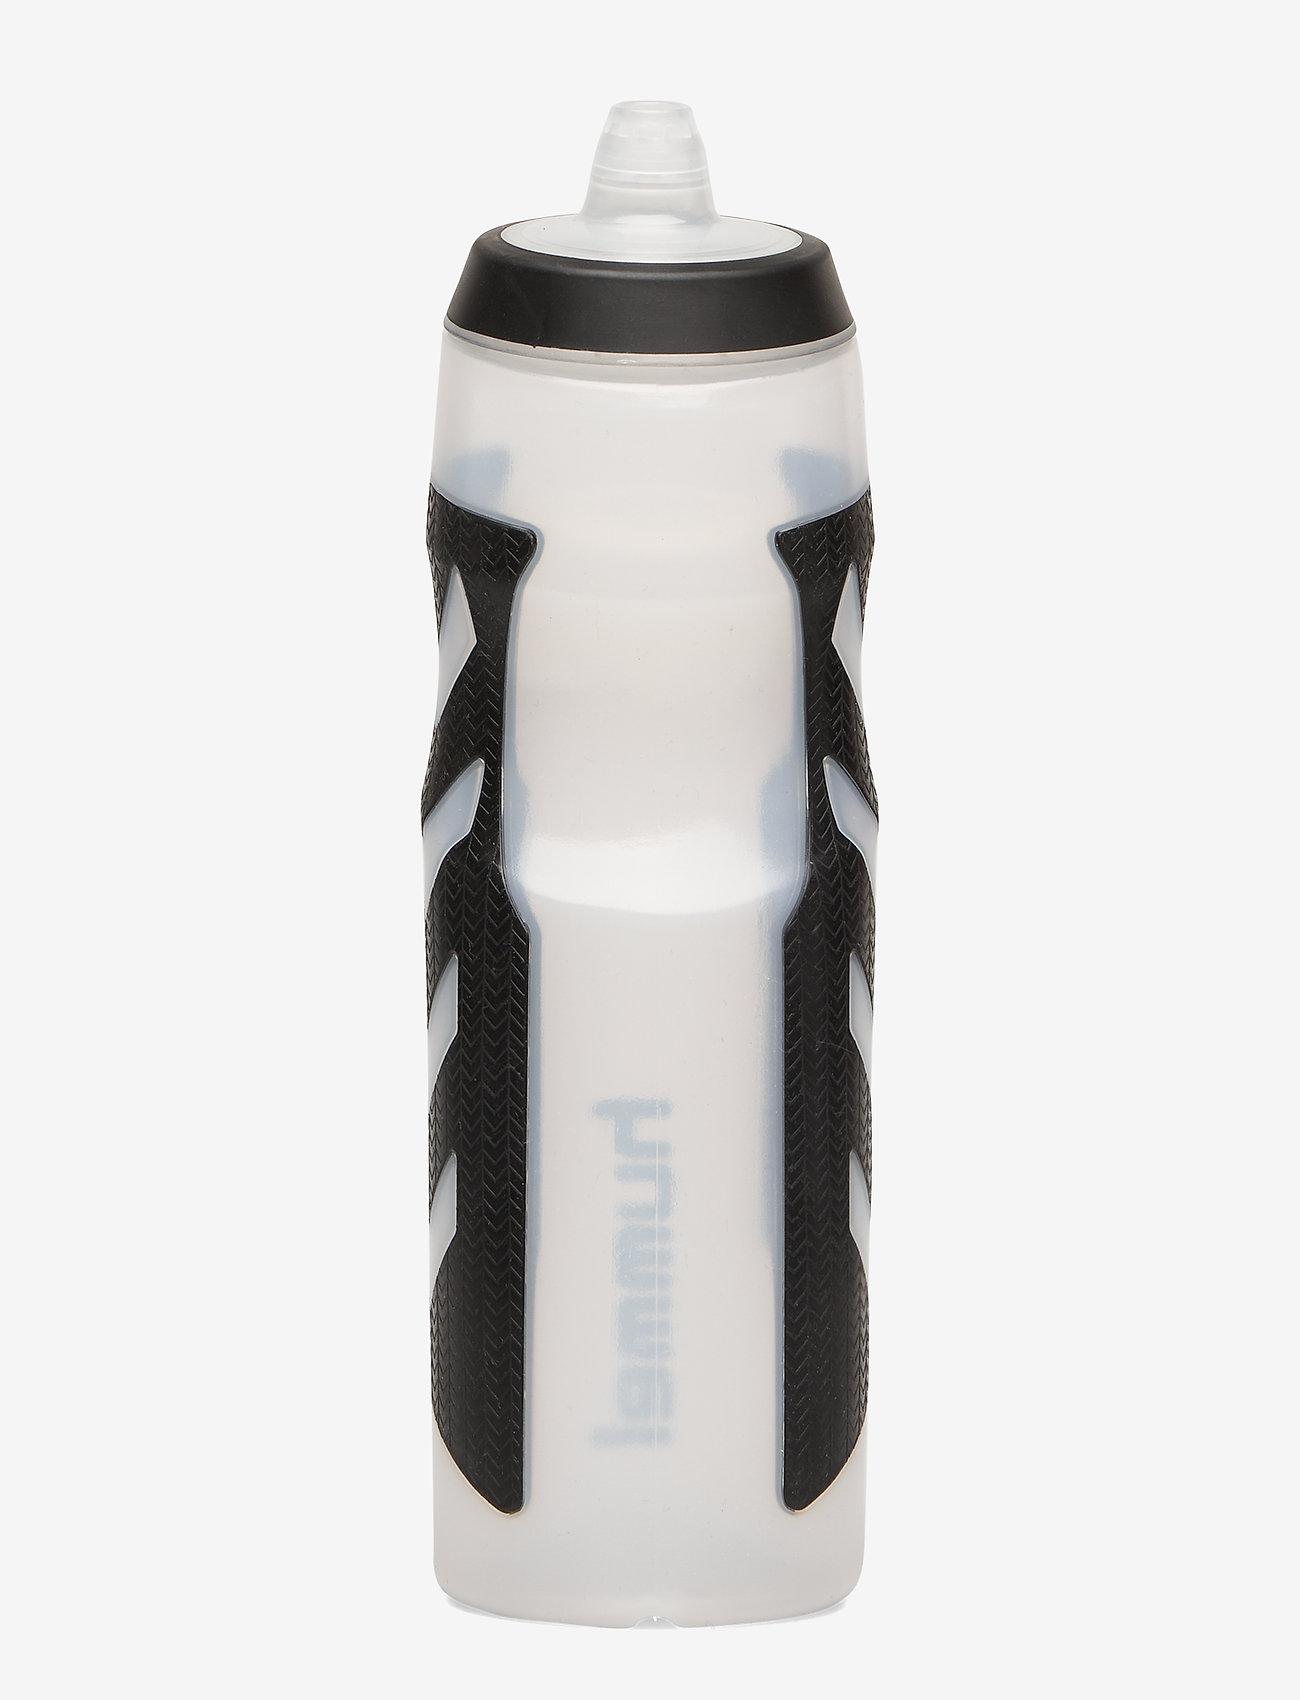 Hummel - hmlWATERBOTTLE - vannflasker og termoser - black - 0